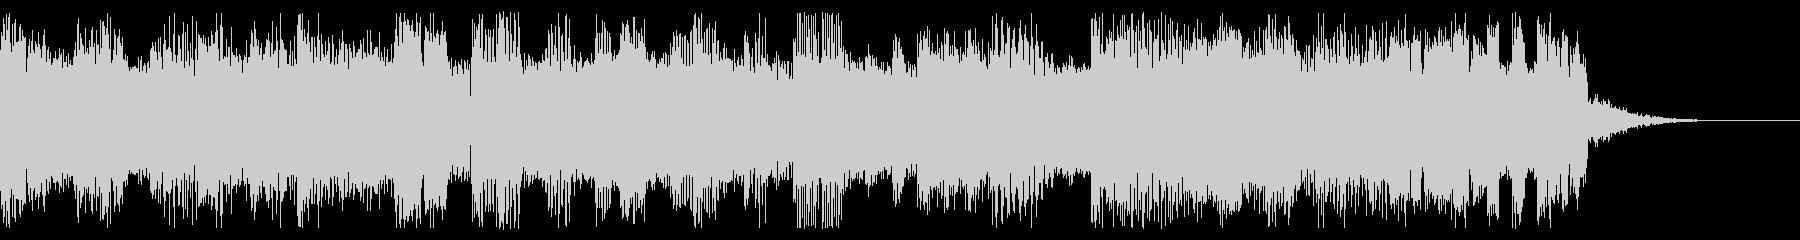 ファミコン風 ポップなジングルの未再生の波形